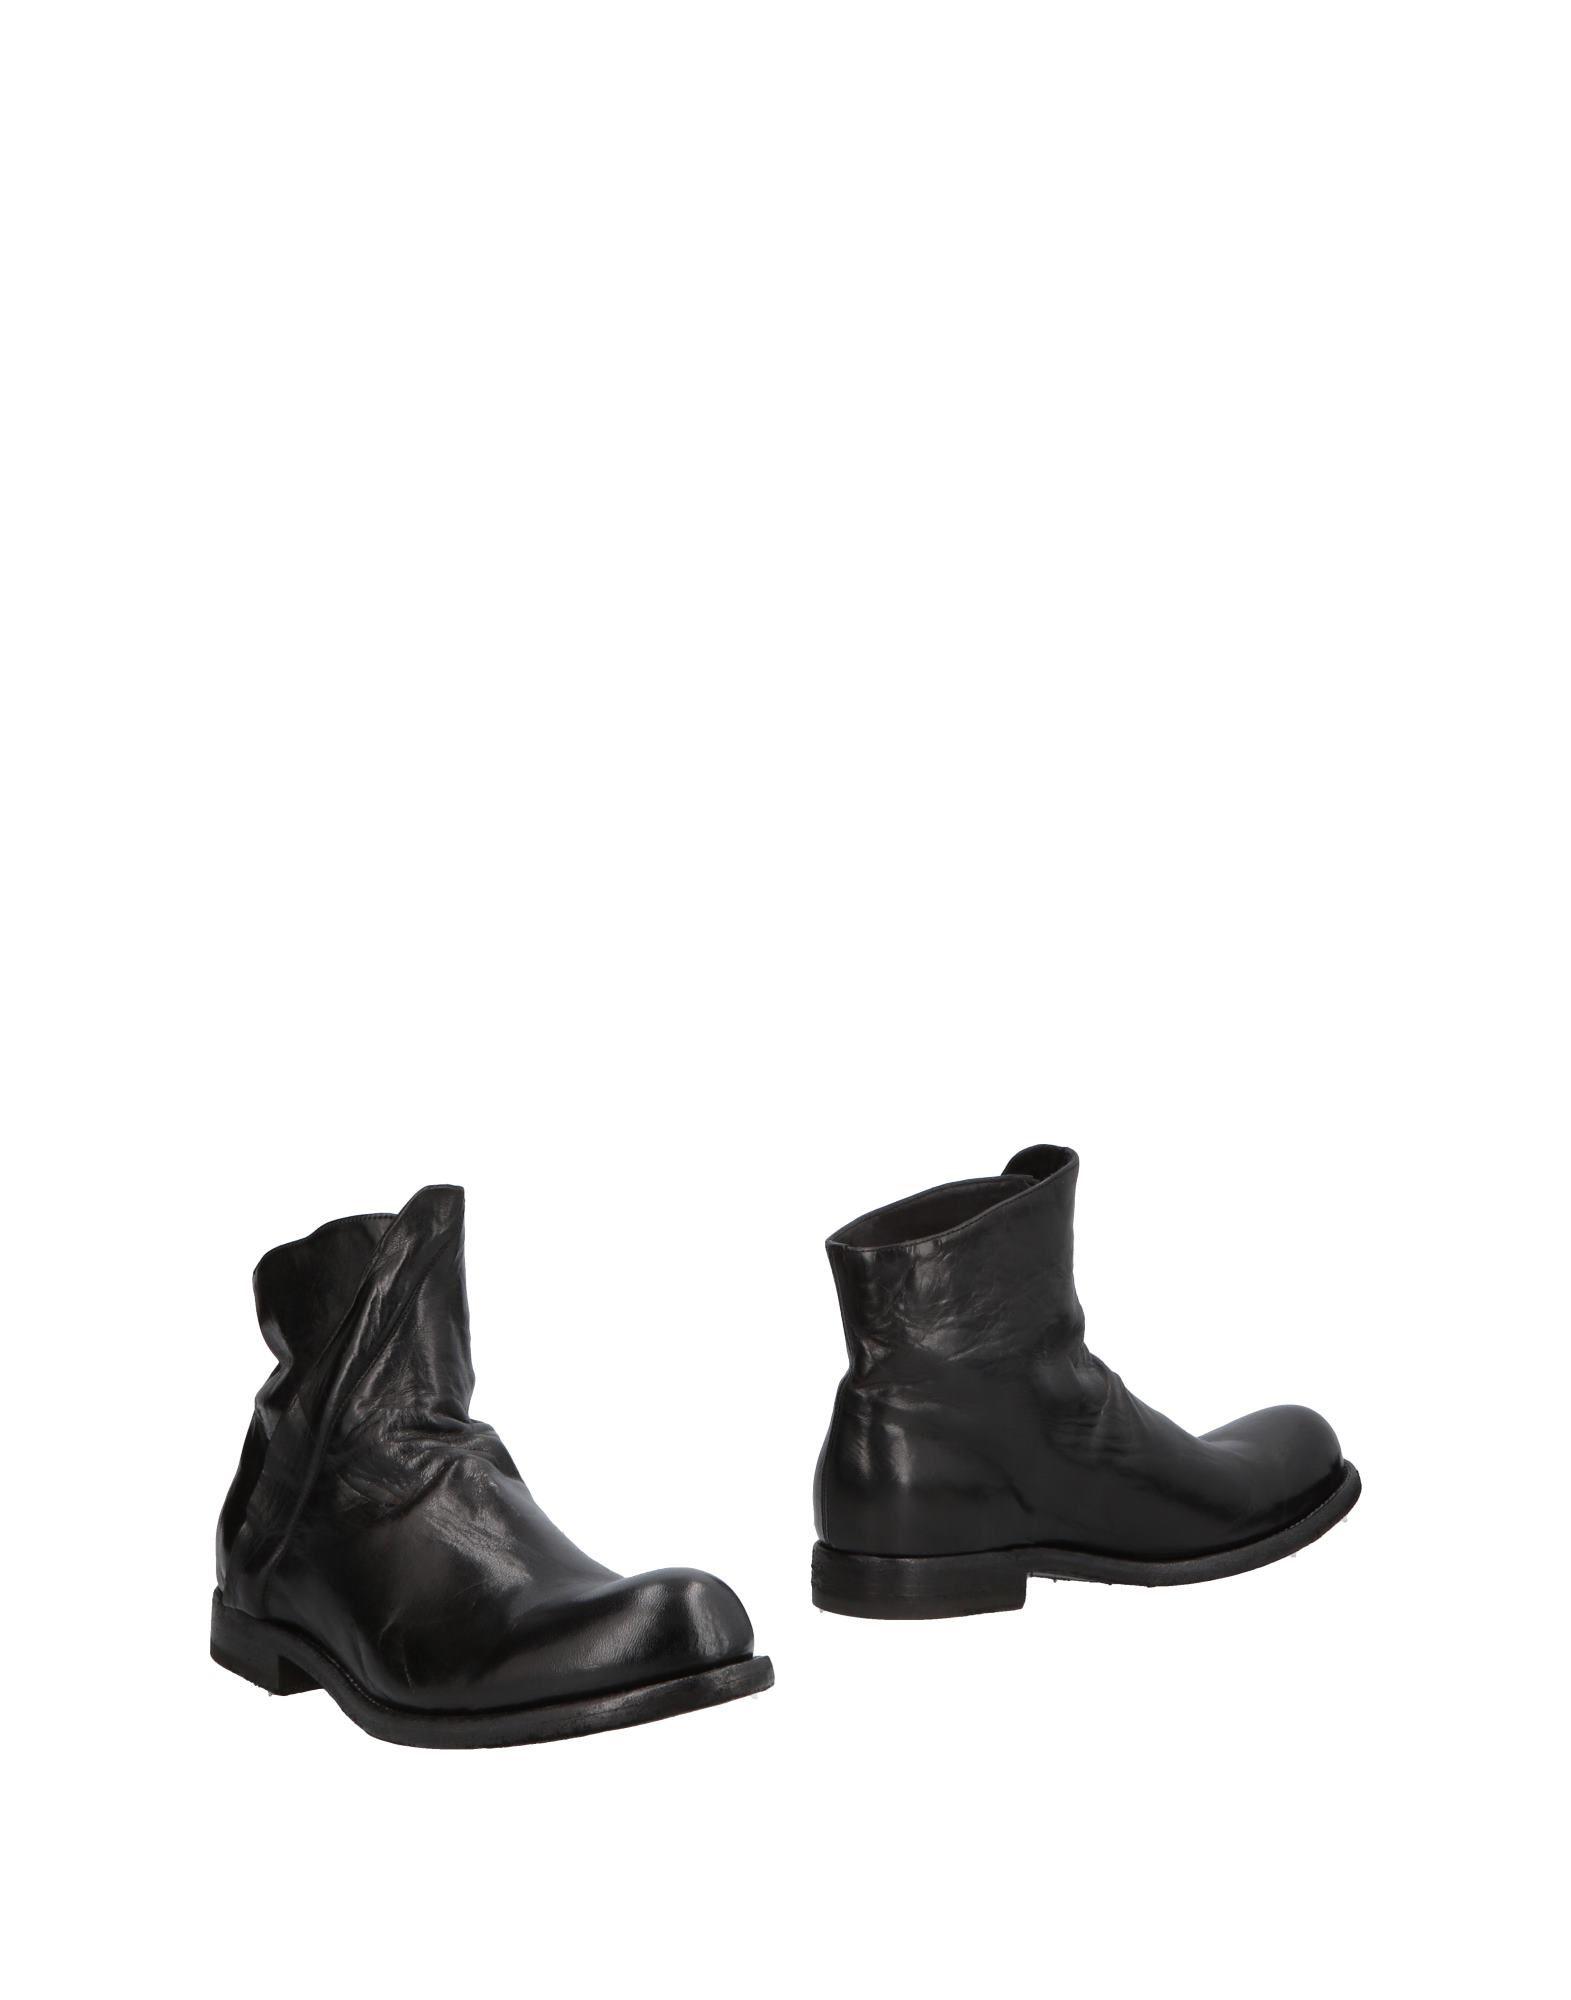 Officine Creative Italia Stiefelette Herren  11501211WR Gute Qualität beliebte Schuhe